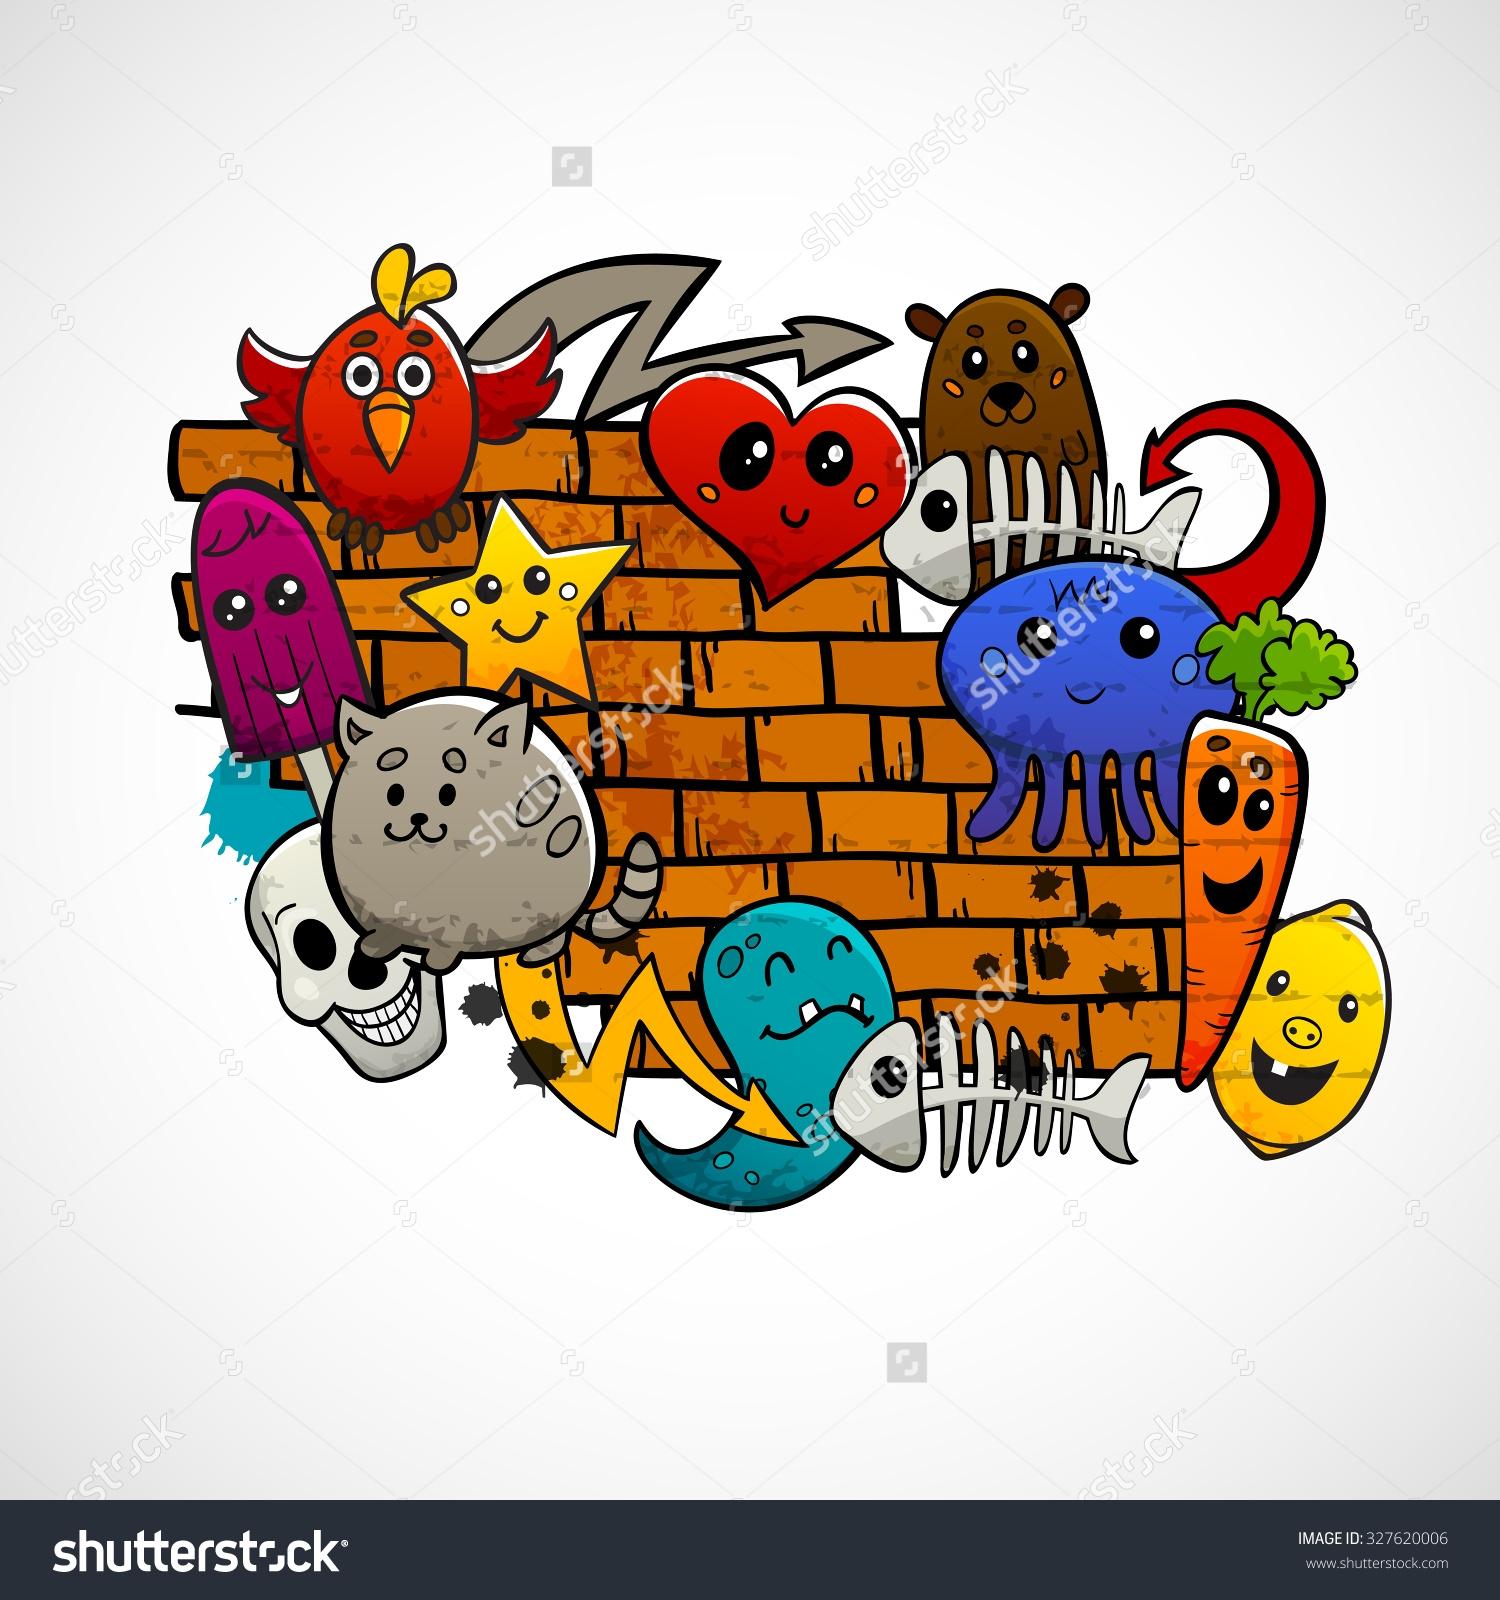 Graffiti clipart Graffiti Brick Wall Clipart  Building :  Brick